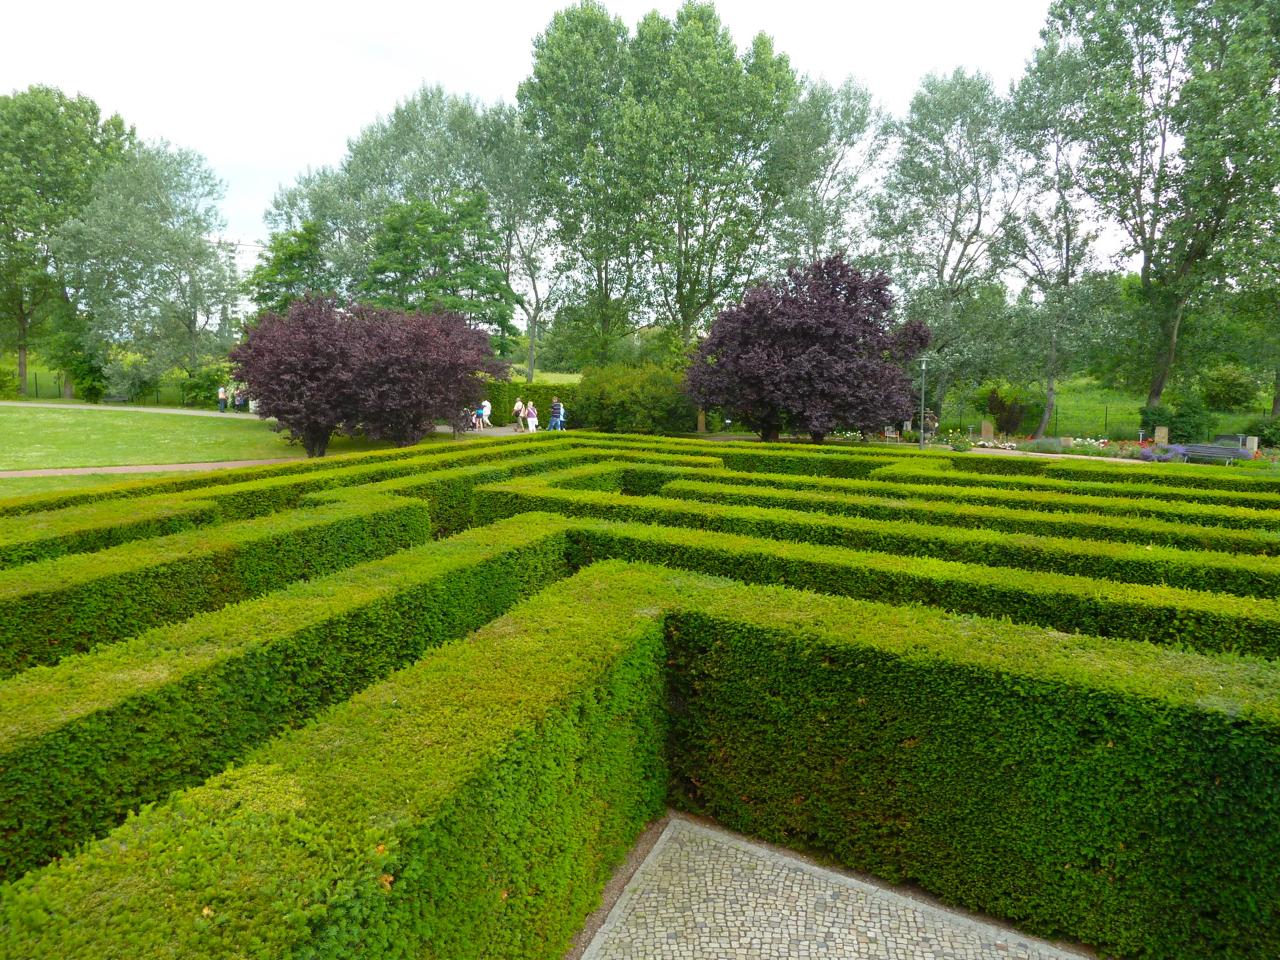 Ausflugstipp Garten Der Welt Berlin Marzahn Berliner Highlandgames Ytti